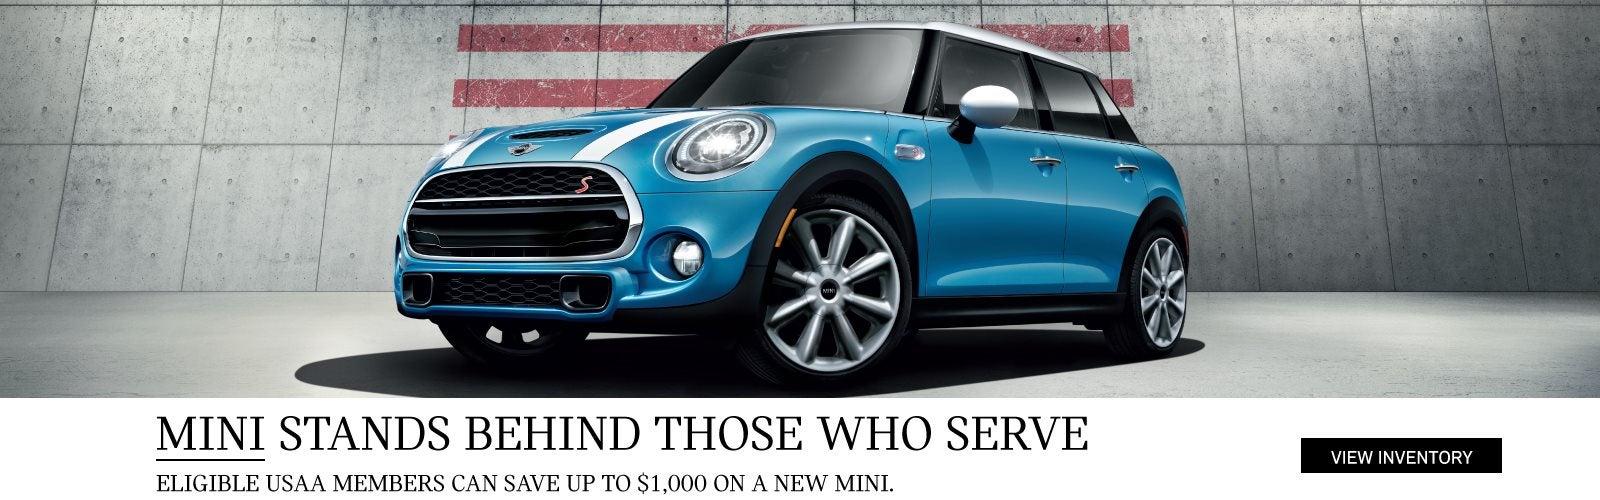 Mini Of Morristown Mini Dealer Morristown Nj New And Used Mini